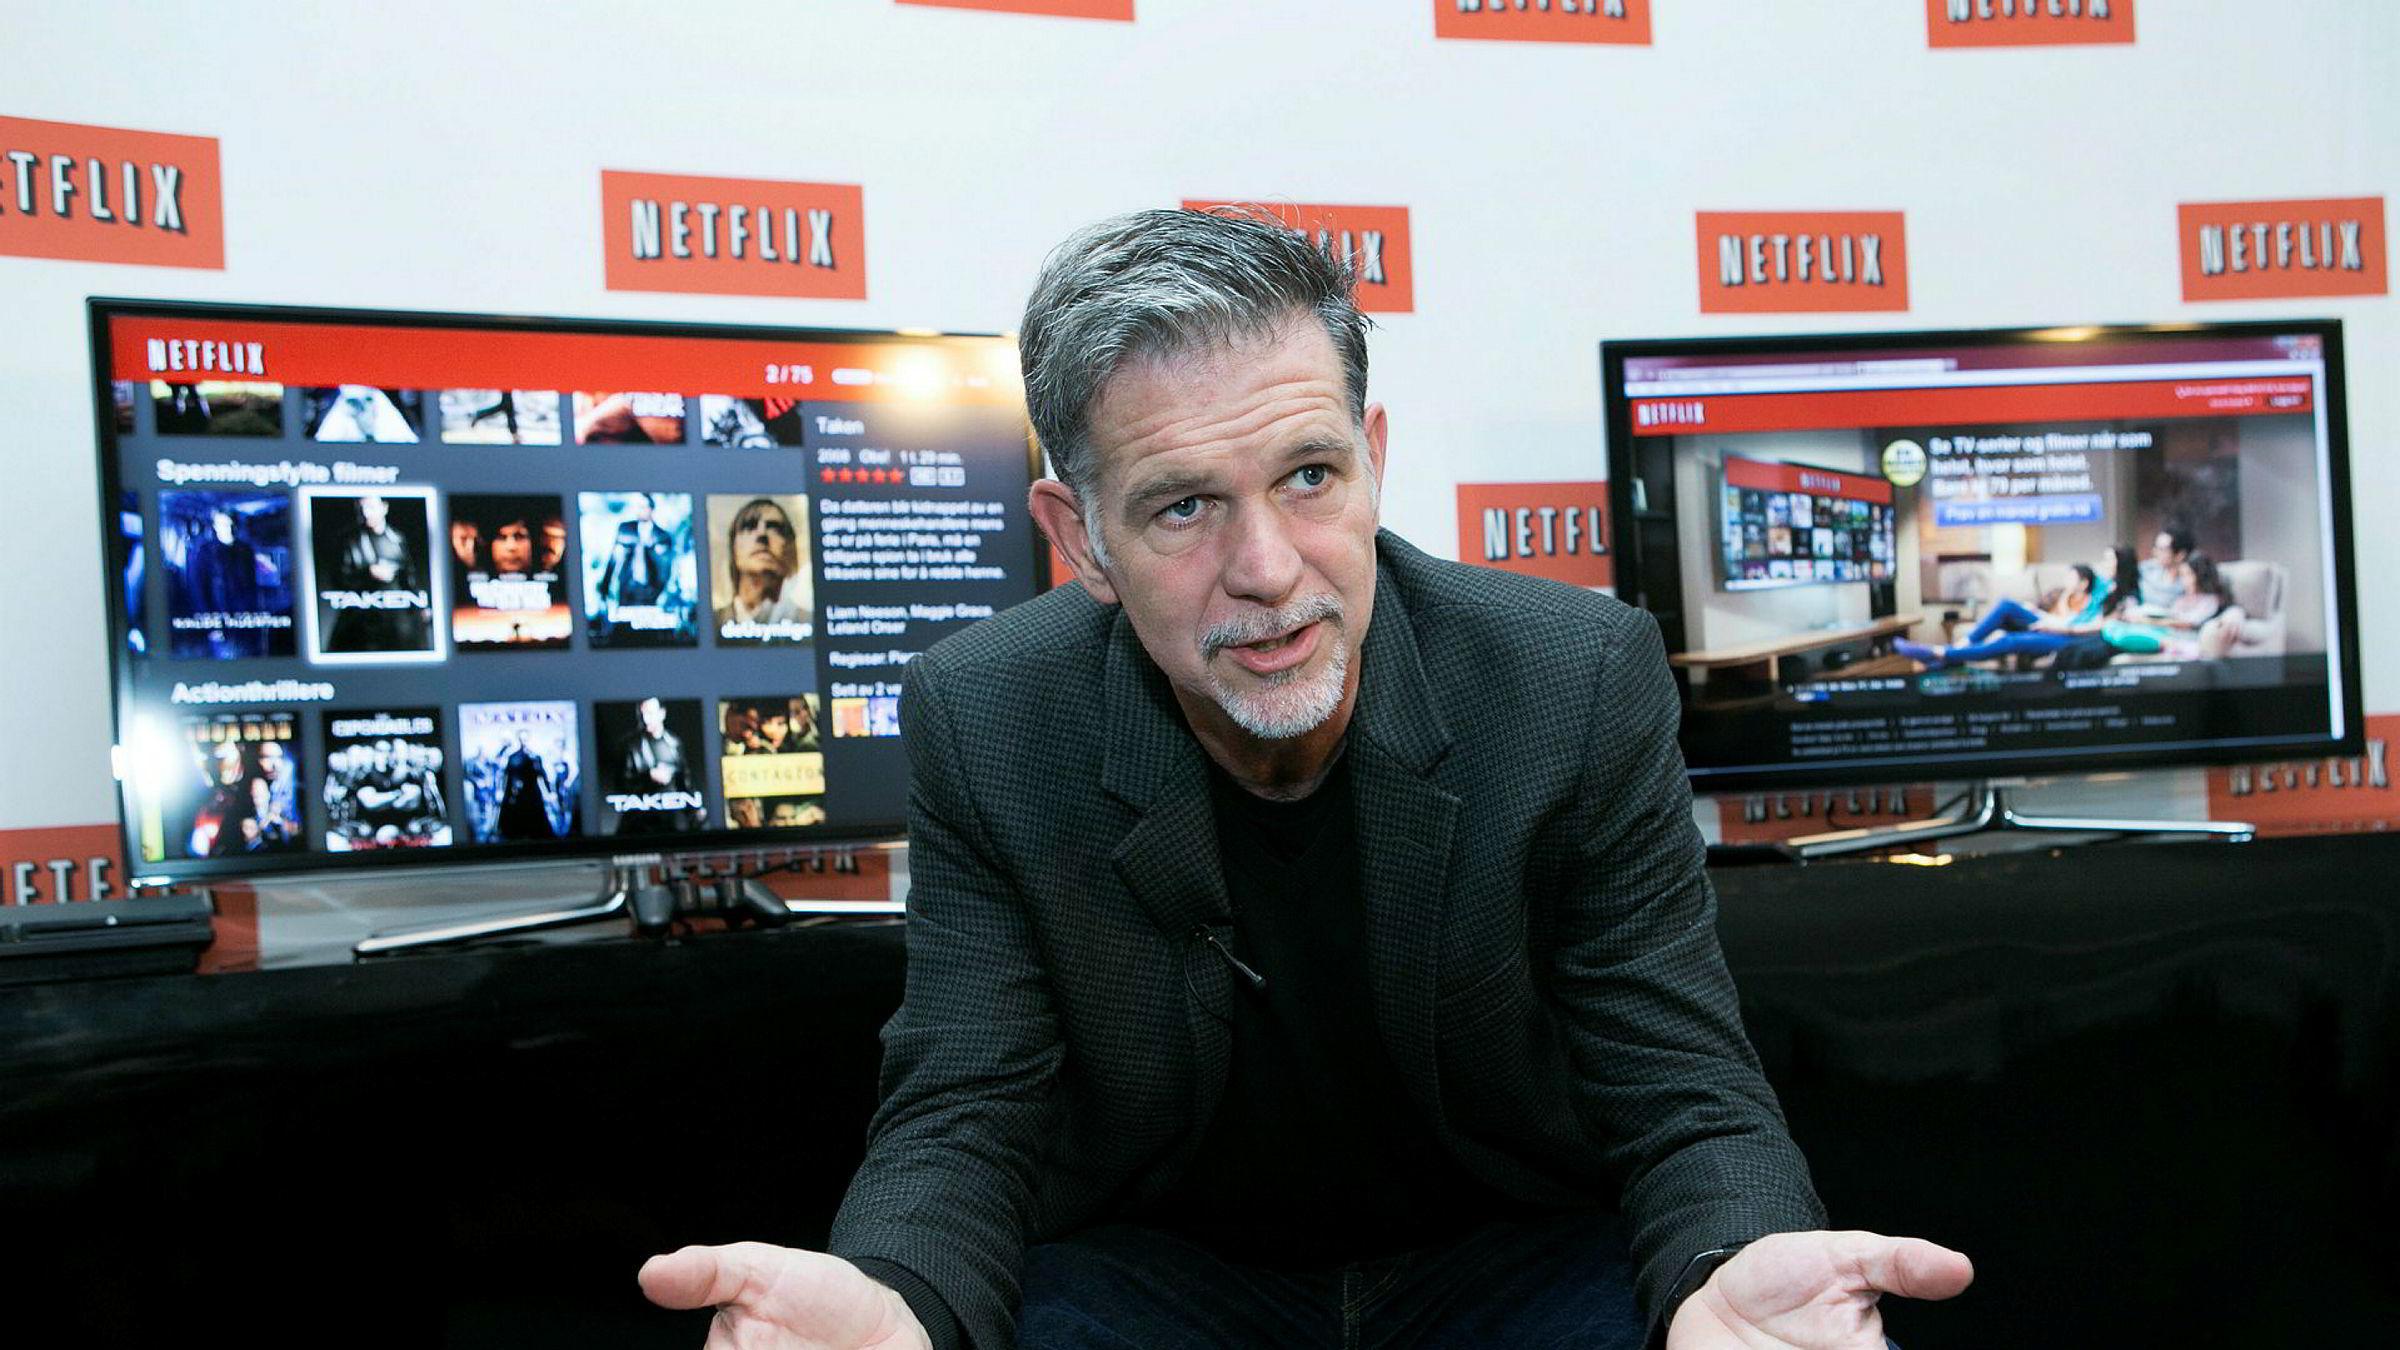 Konsernsjef Reed Hastings i Netflix melder om et «vakkert» 2017.